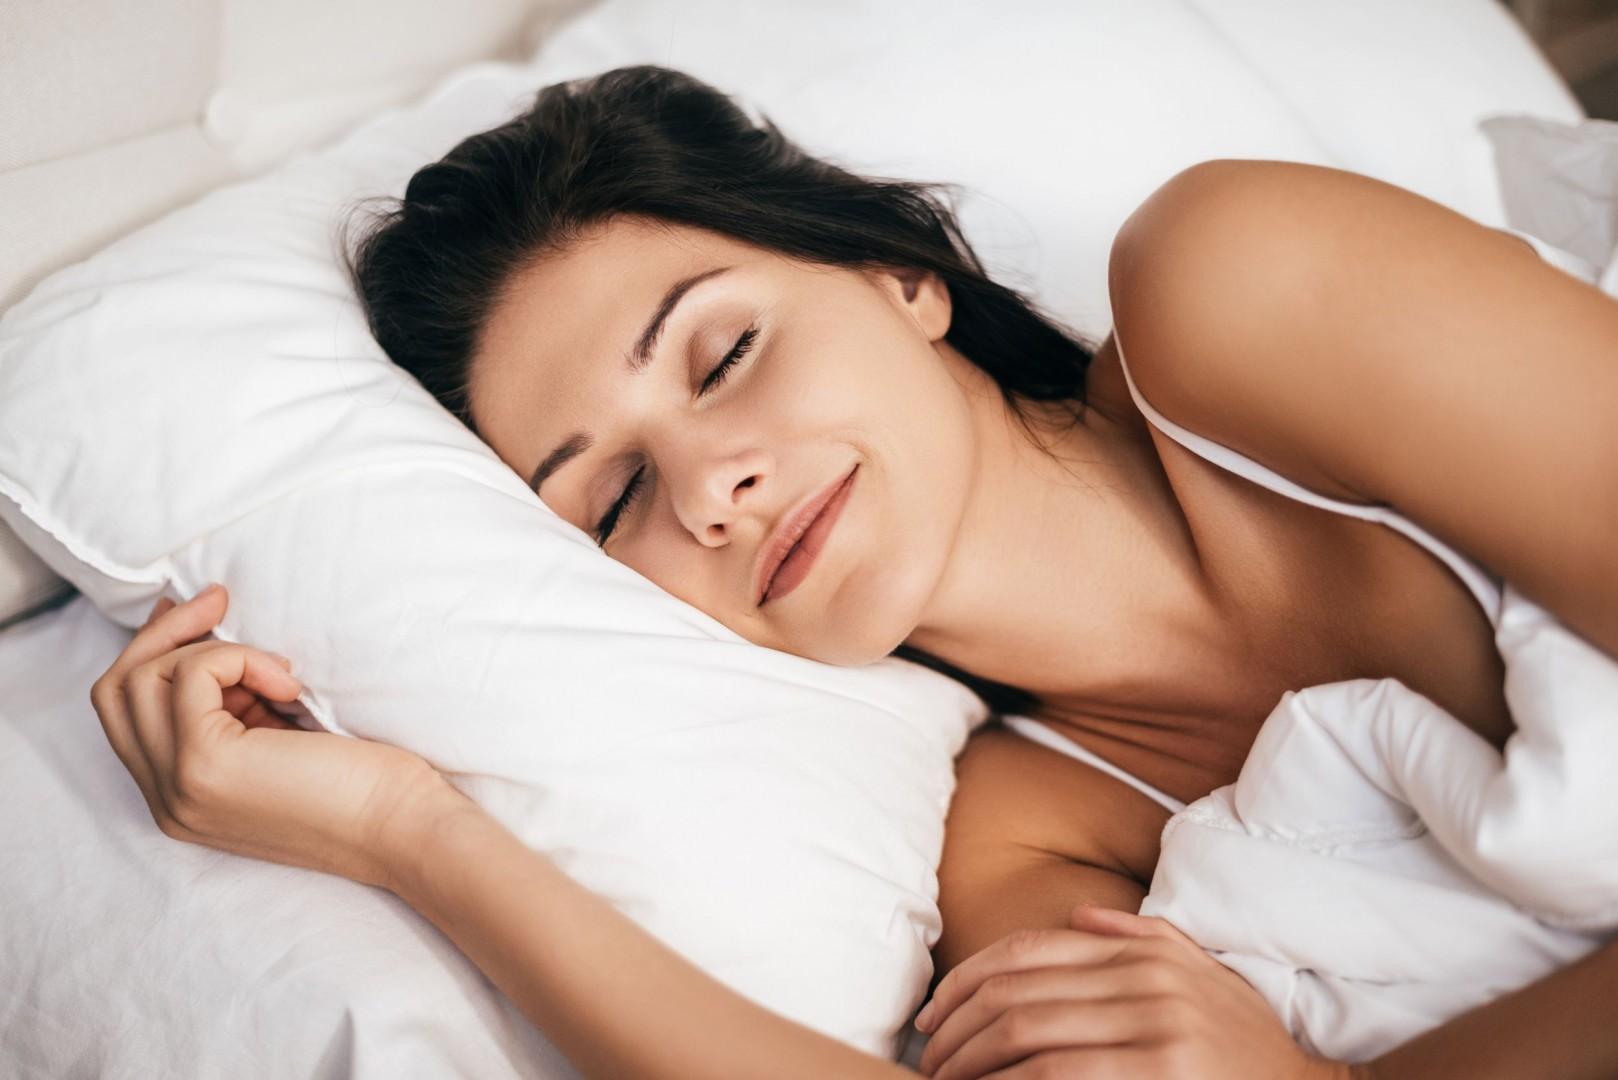 Dobry materac jest gwarancją komfortowego wypoczynku. Fot. iStock